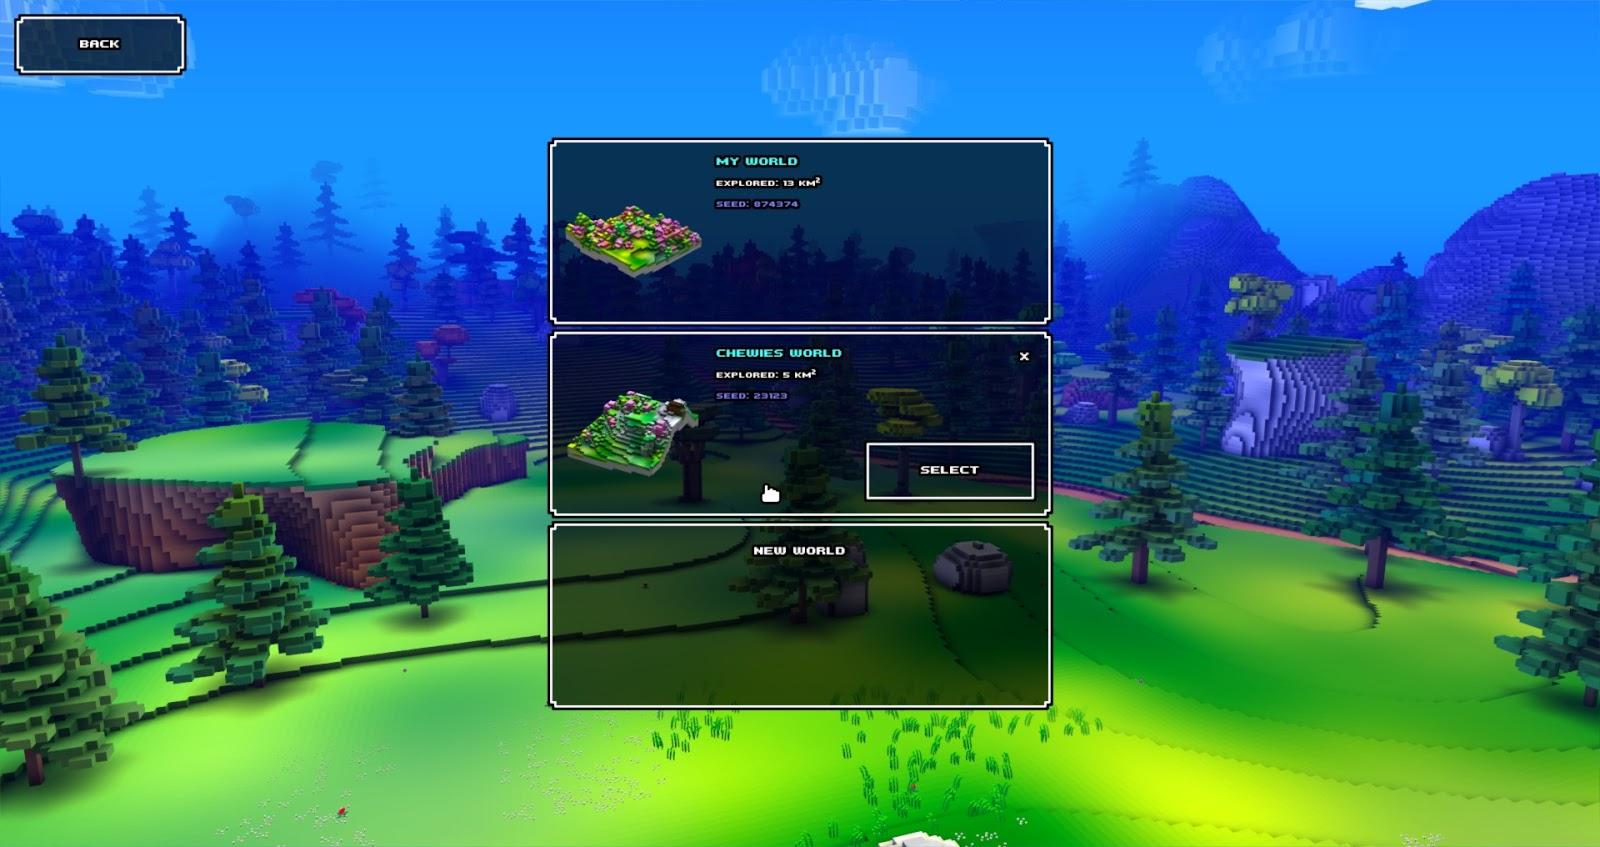 Cube world pgina 14 mediavida moar screeeeeeeeeeens gumiabroncs Choice Image